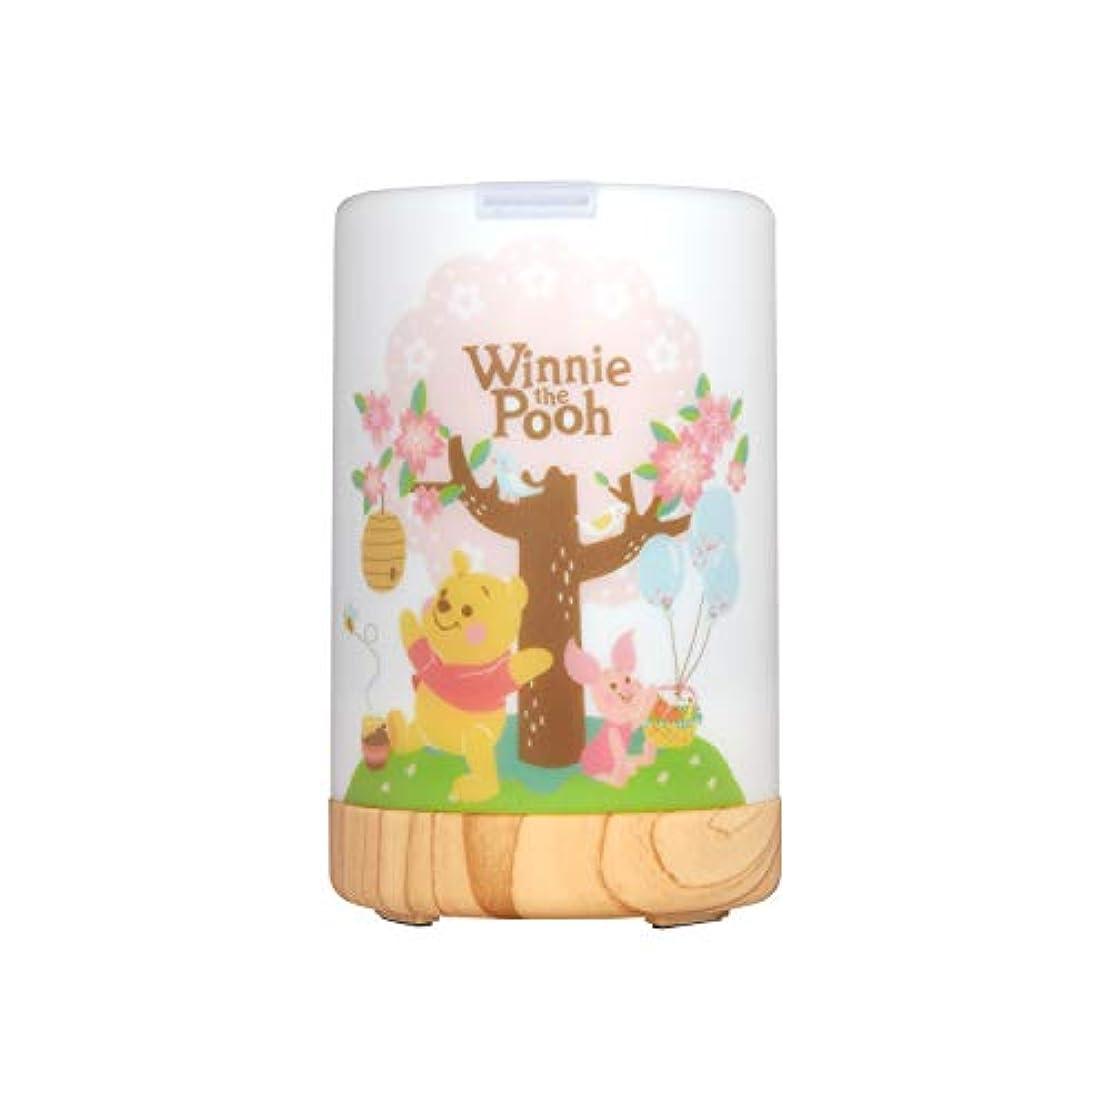 高速道路品刈るInfoThink アロマディフューザー Disney Winnie the Pooh 間接照明 くまのプーさん [並行輸入品]